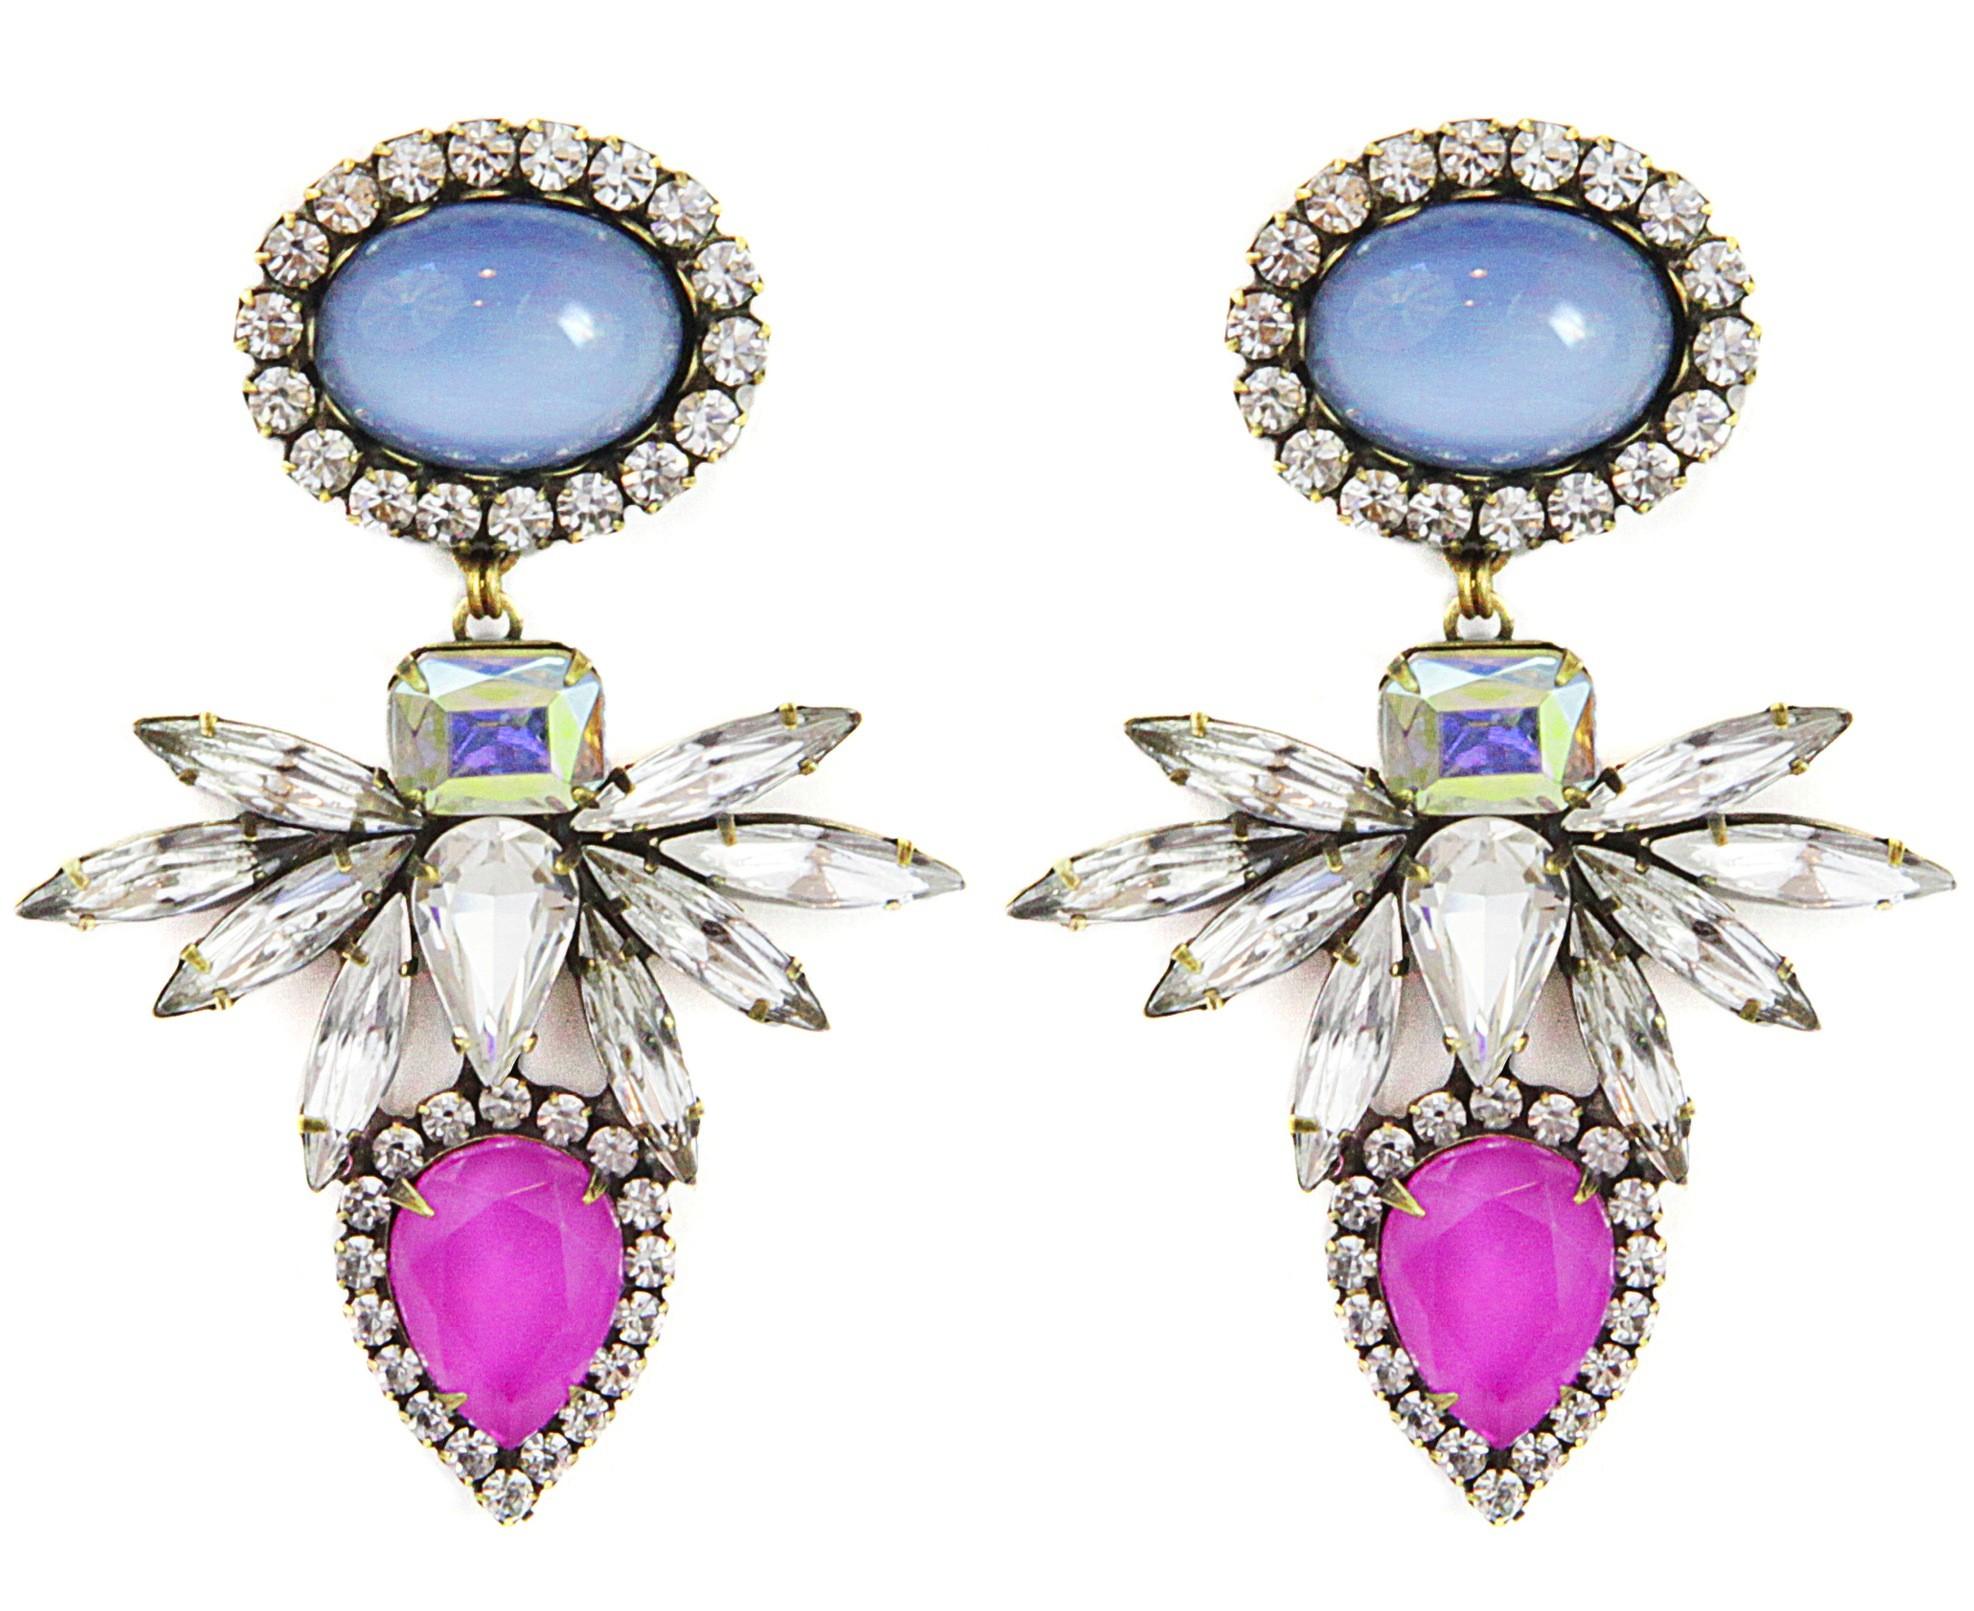 Loren hope Tessie Earrings Bloom in Blue